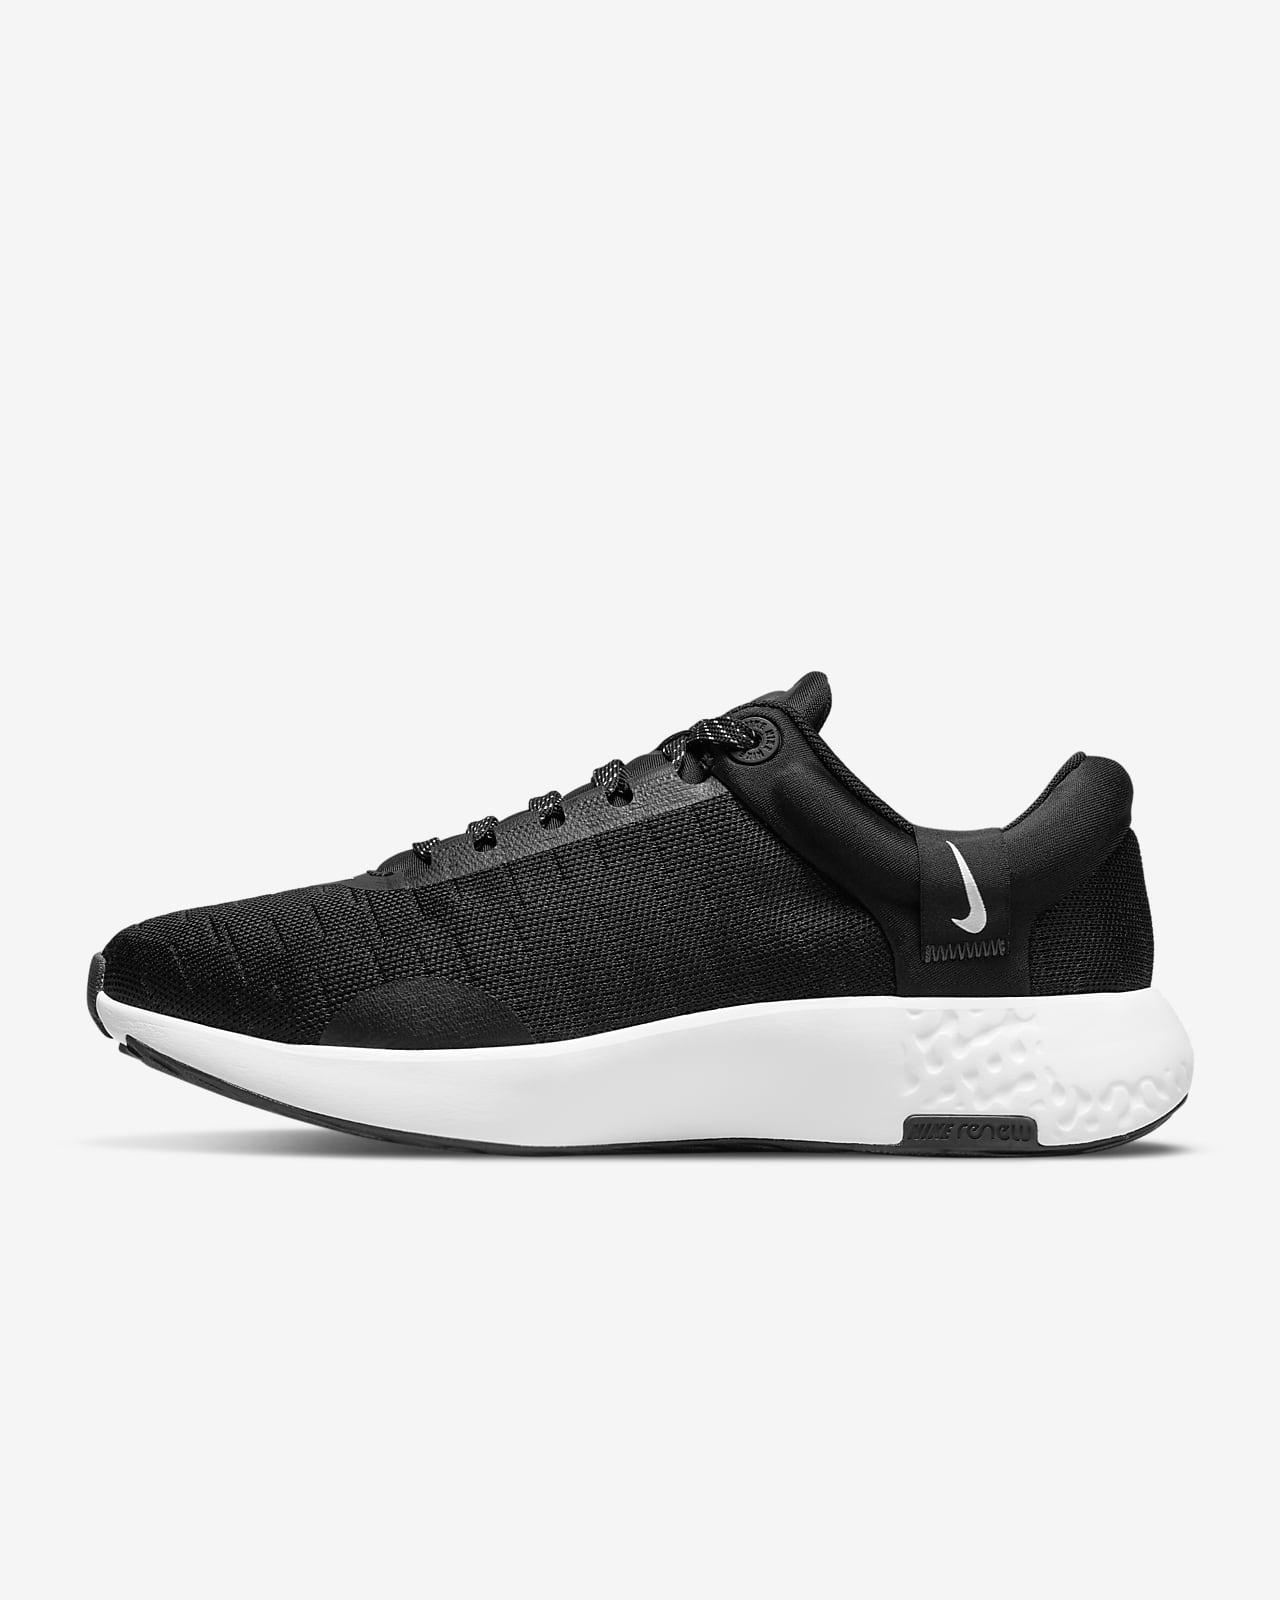 Entdecke den Nike Renew Serenity Run Straßenlaufschuh für Damen